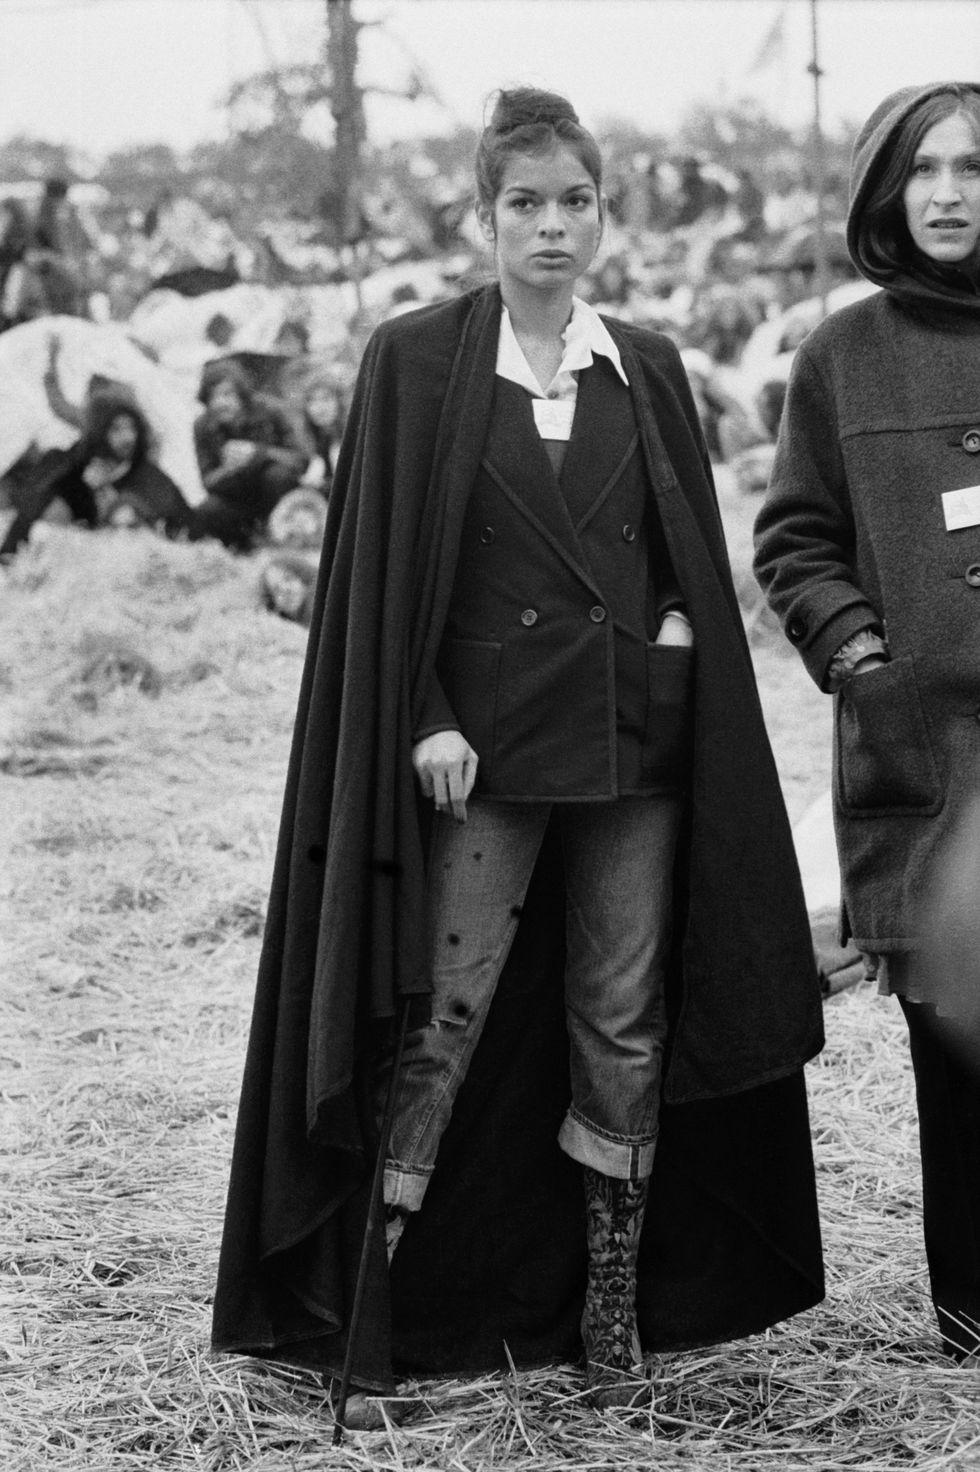 Quần jean xắn lai, áo khoác peacoat,ngoài cùng là chiếc áo choàng không tay cộng với đôi bốt cao cổ, Bianca Jagger đã có một phong cánh rất riêng ở Bardney Pop Festival vào tháng 5/1972.